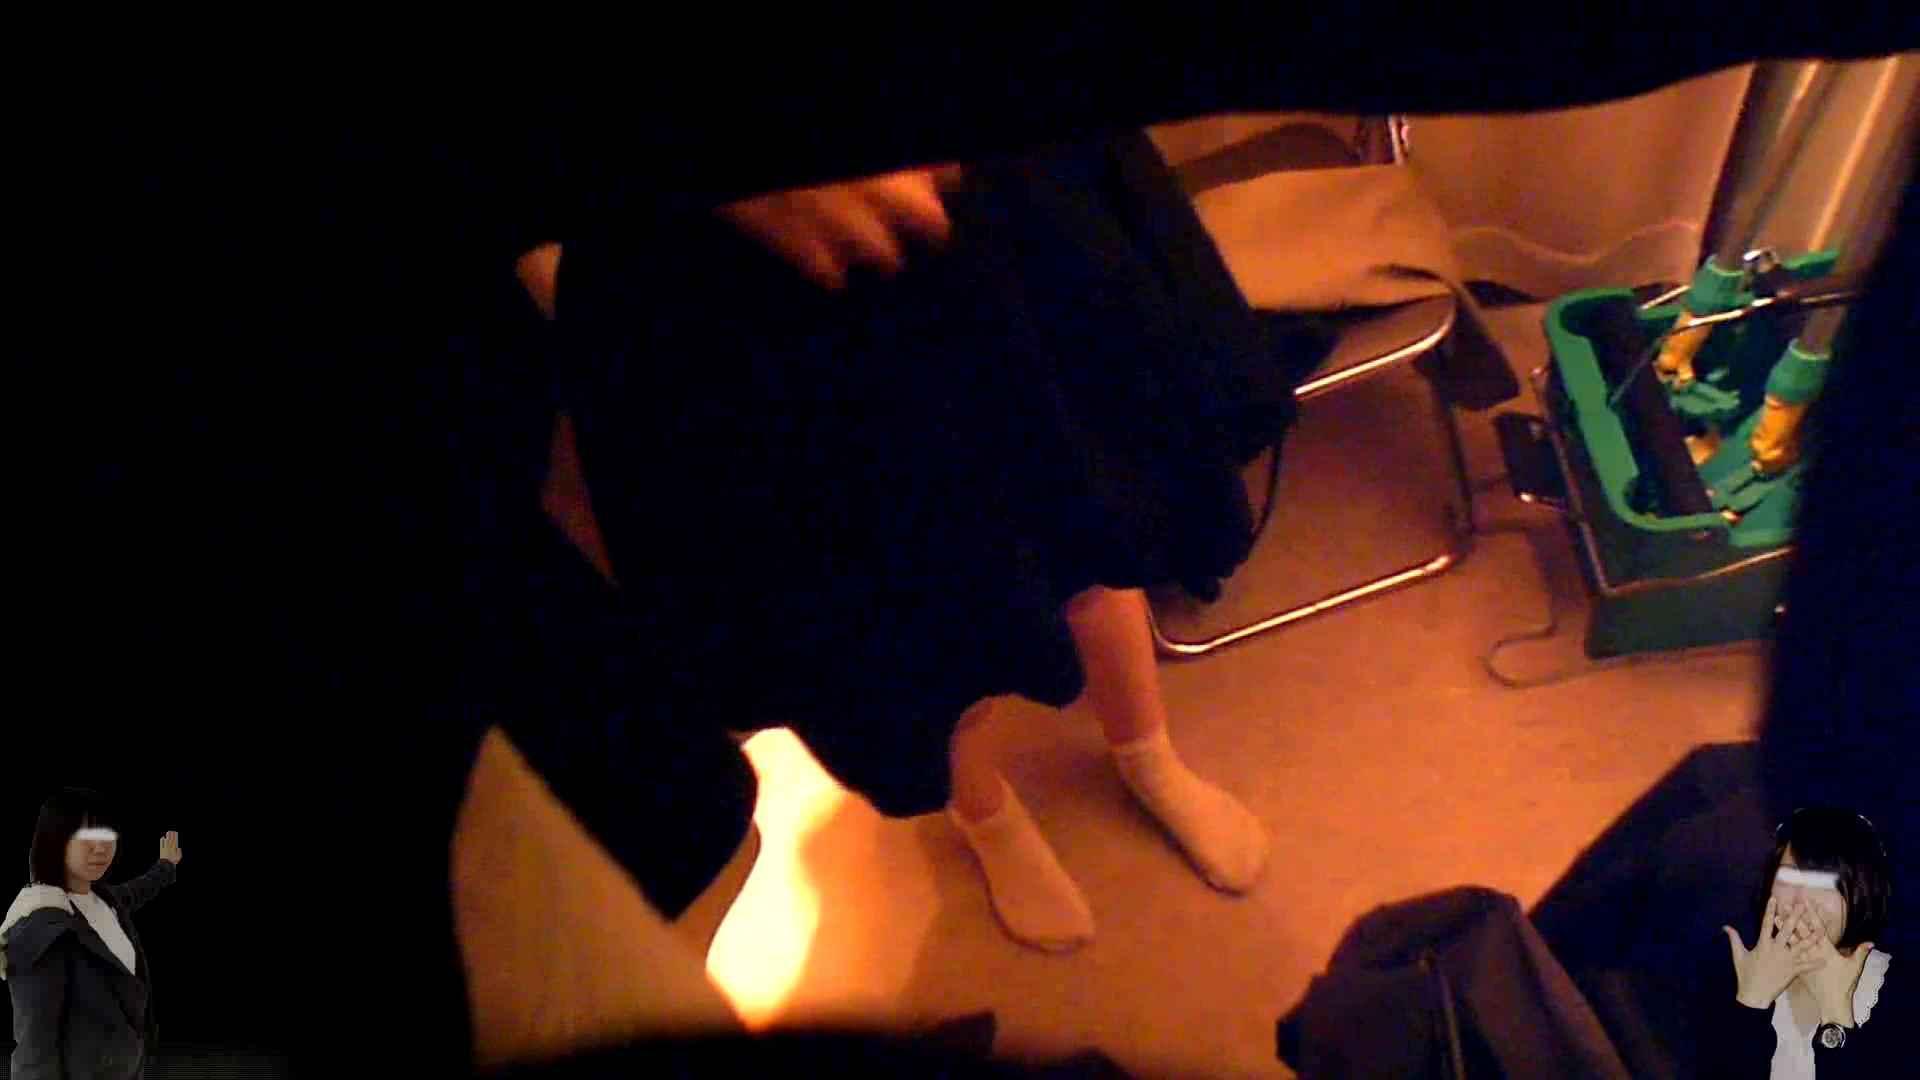 素人投稿 現役「JD」Eちゃんの着替え Vol.04 素人丸裸 おまんこ無修正動画無料 107pic 86